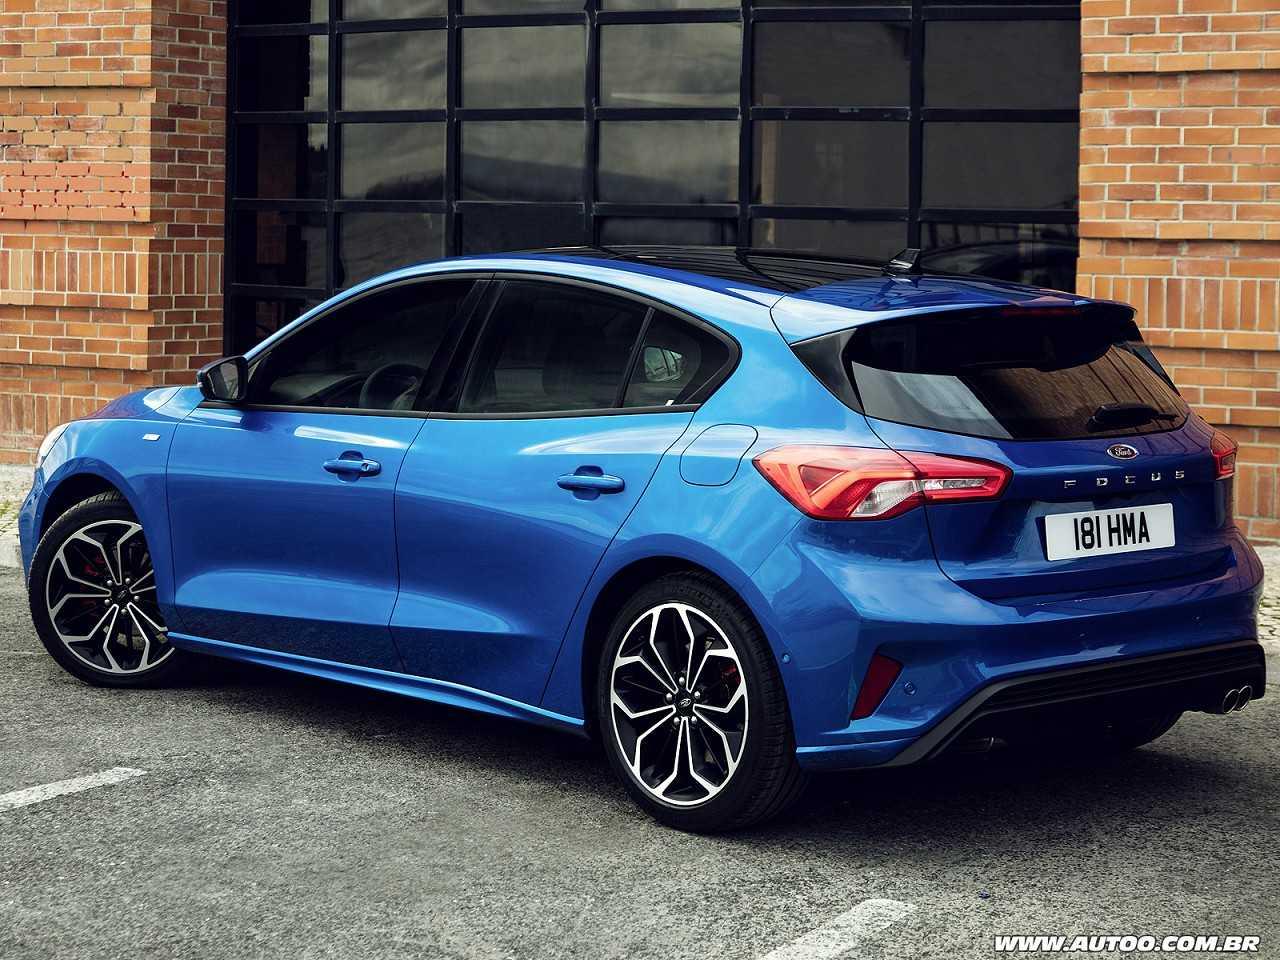 FordFocus 2019 - ângulo traseiro